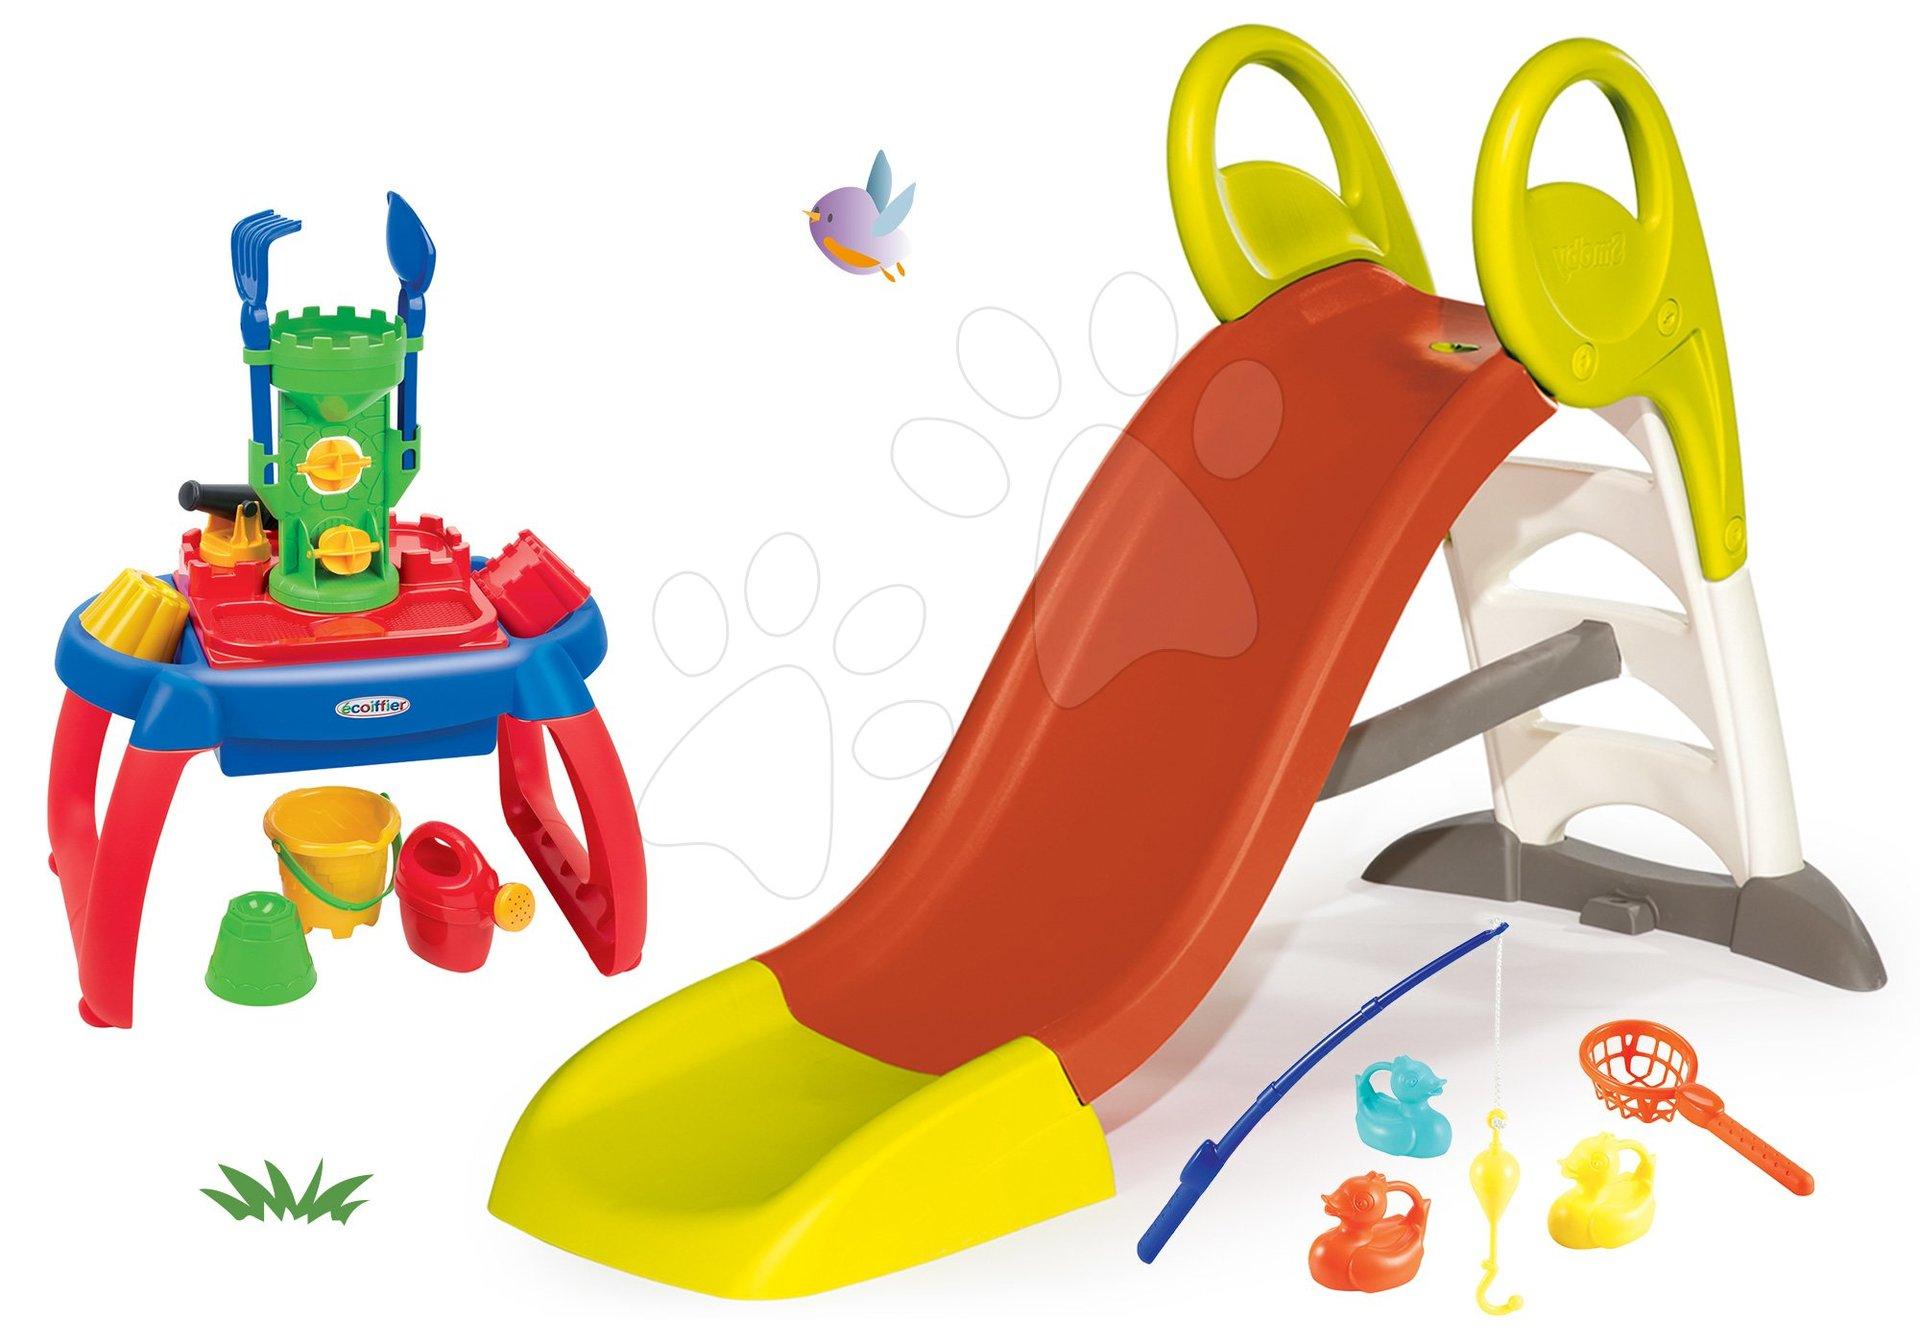 Skluzavky pro děti - Set skluzavka Toboggan KS Smoby s délkou 150 cm a pískoviště stolek na vodu a písek a rybářská udice od 24 měsíců